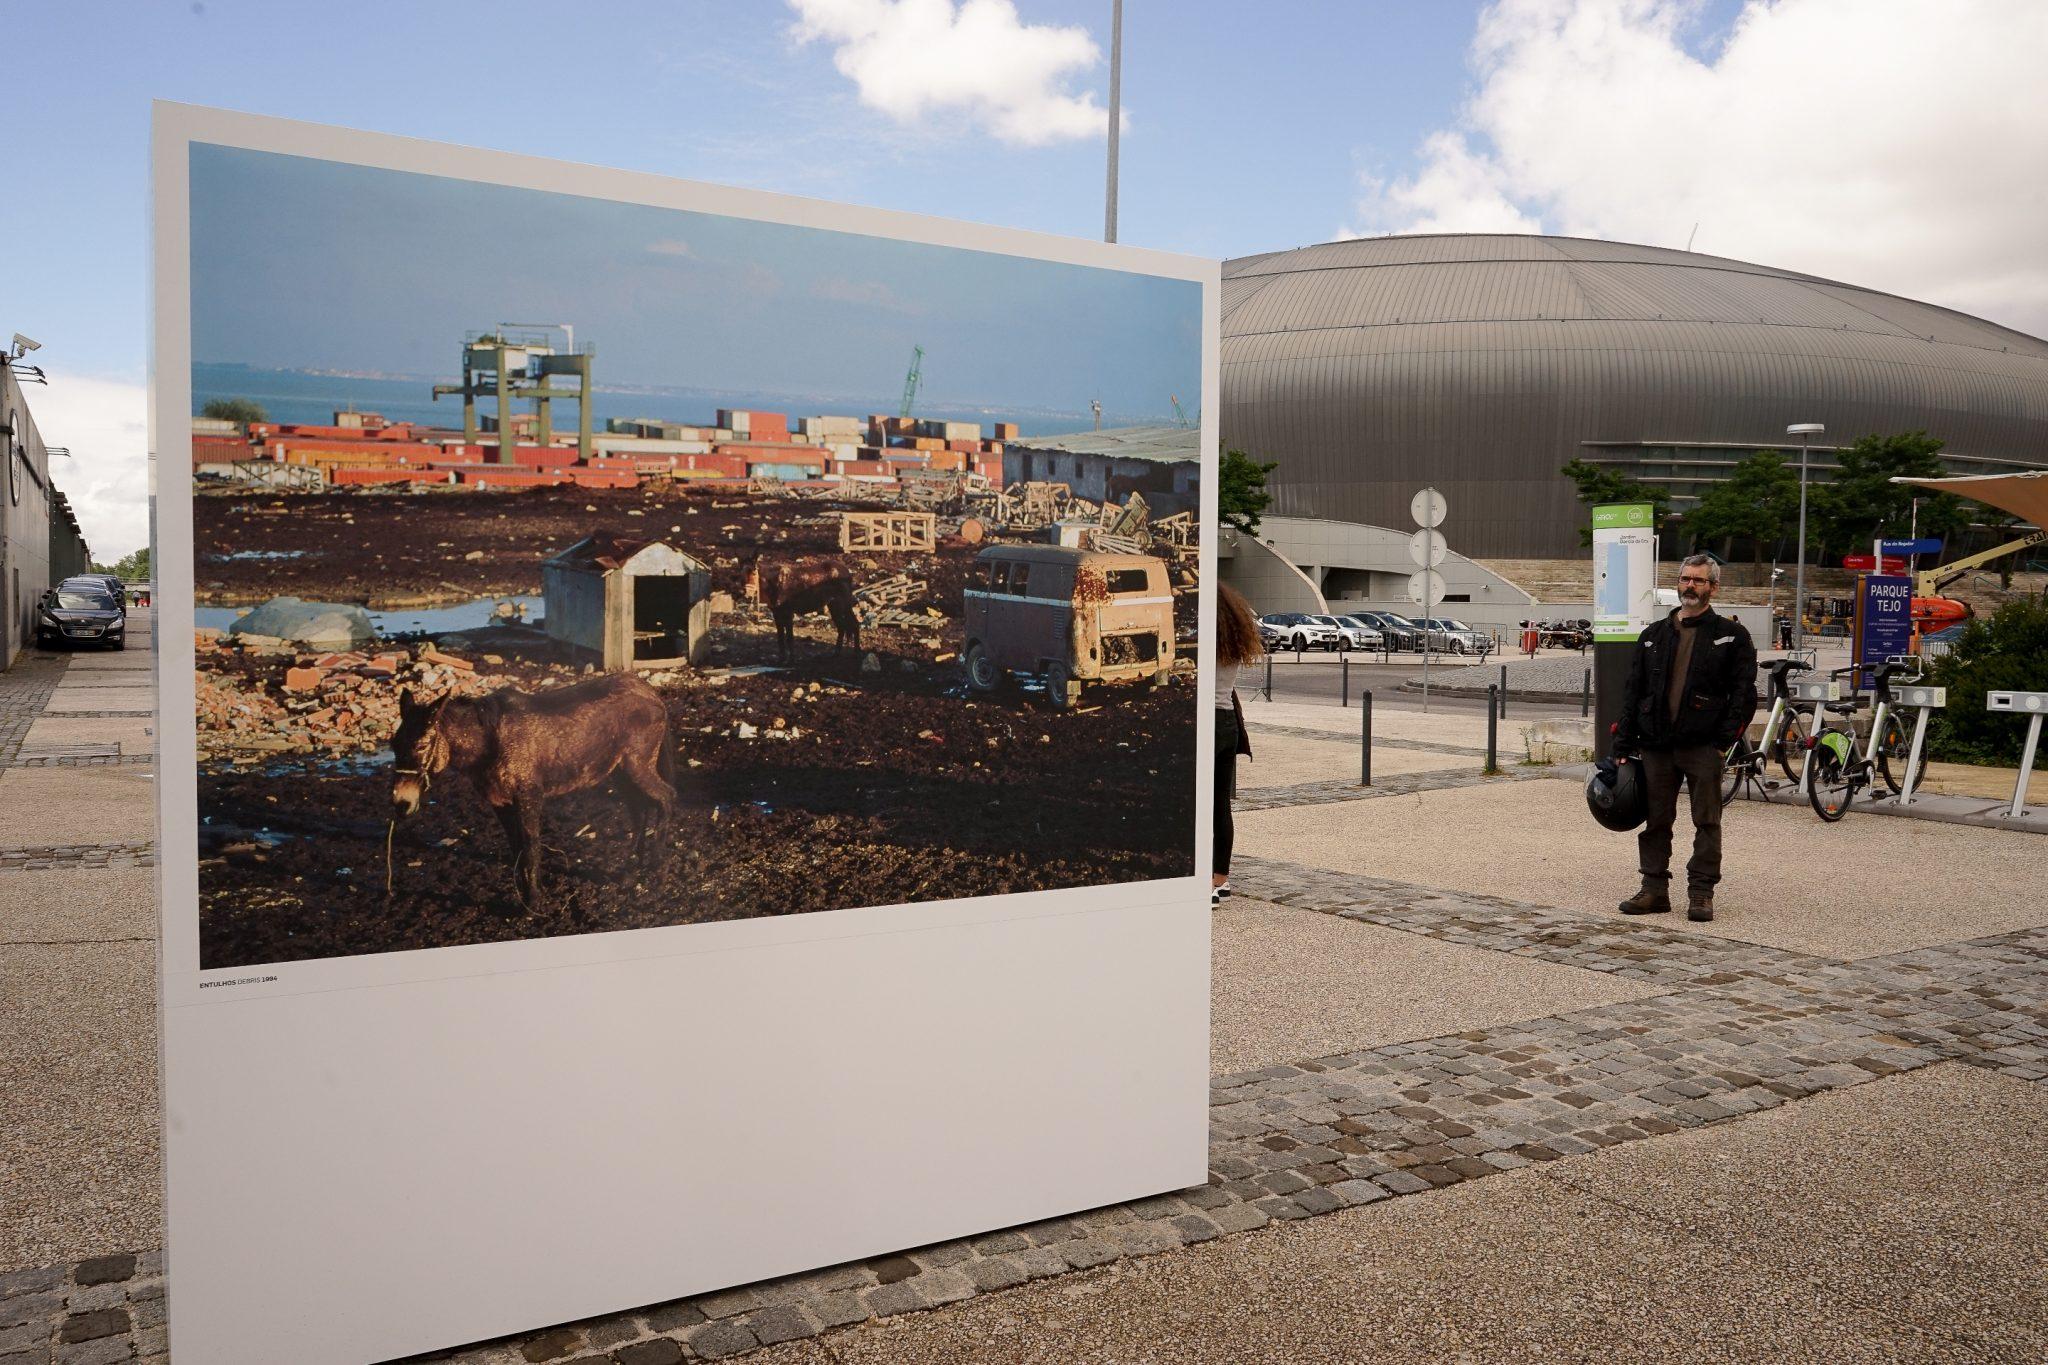 Em primeiro plano, uma estrutura com uma fotografia da zona onde foi construída a Expo98 onde figuram dois burros e uma área de contentores. Em segundo plano, a atual Altice Arena.